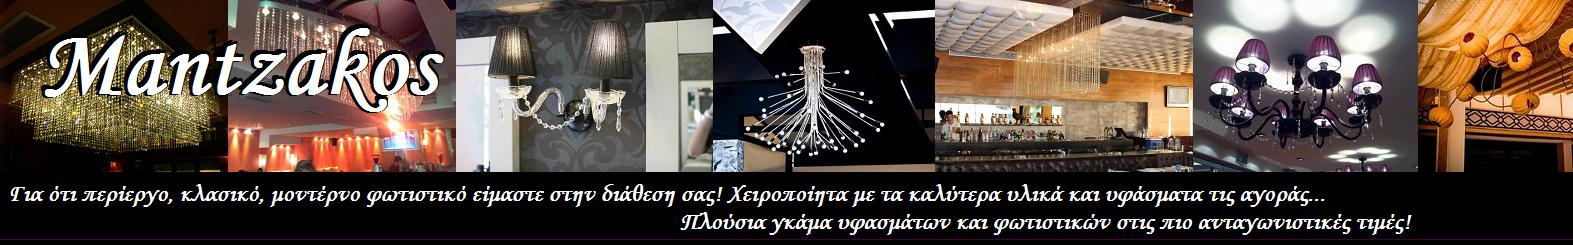 Mantzakos-fotistika-Φωτιστικά-Επαγγελματικά-Για σπίτι